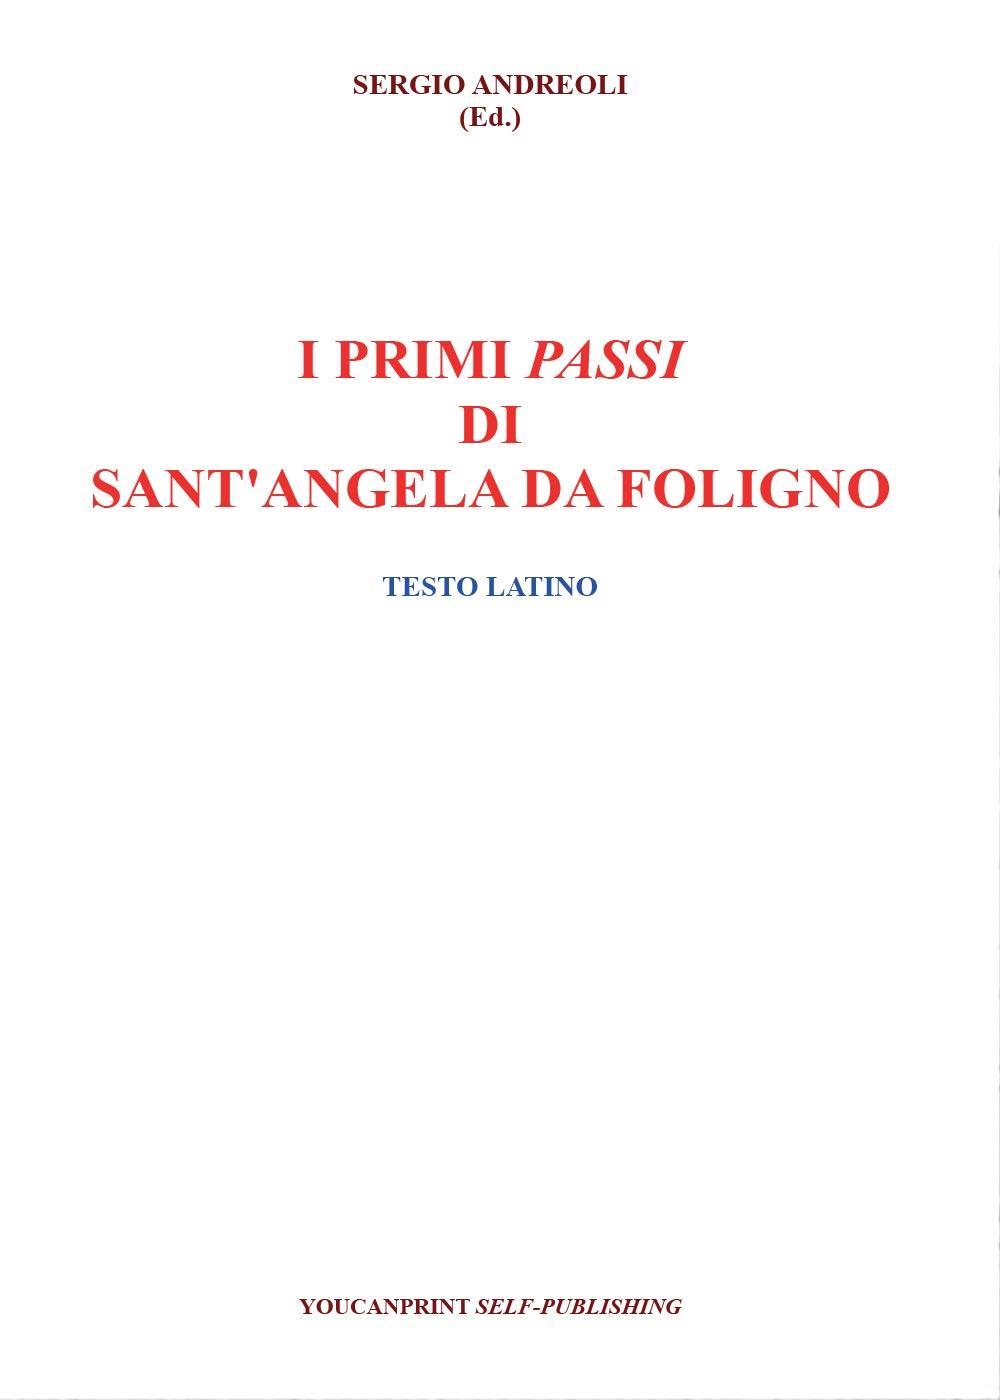 I primi passi di Sant'Angela da Foligno -  Testo latino